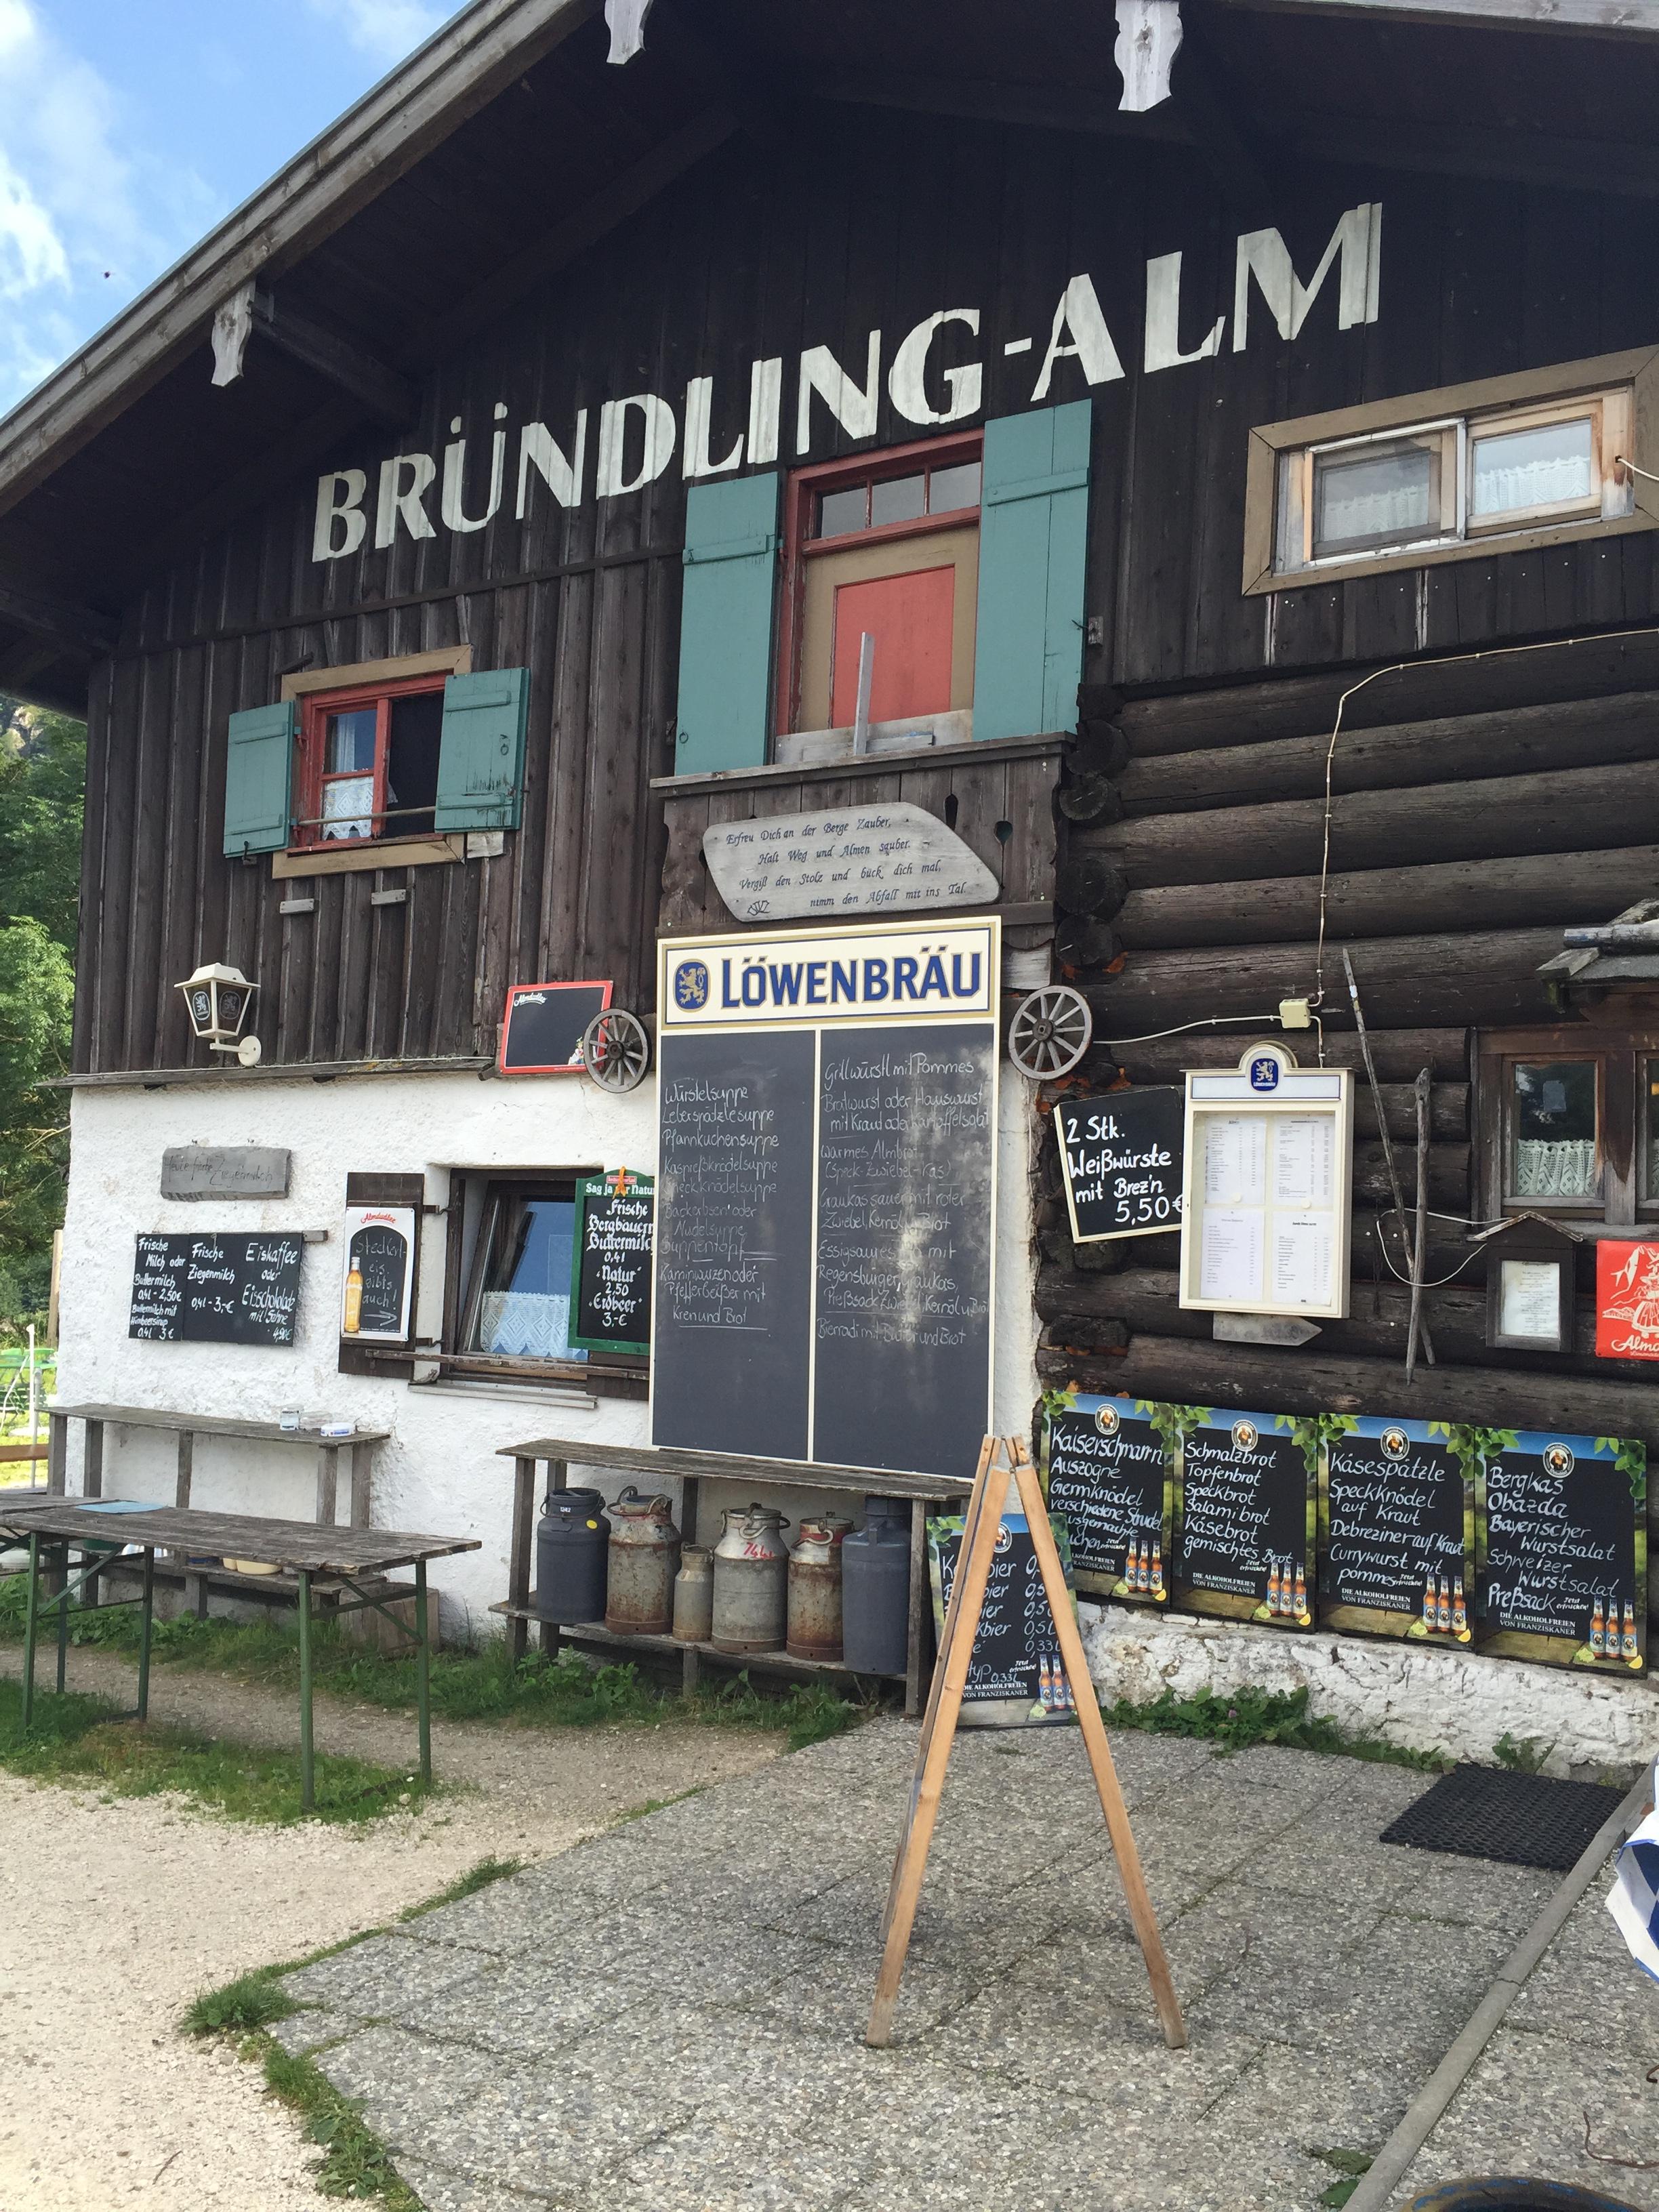 Die Bründling-Alm auf halber Strecke zum Hochfelln.